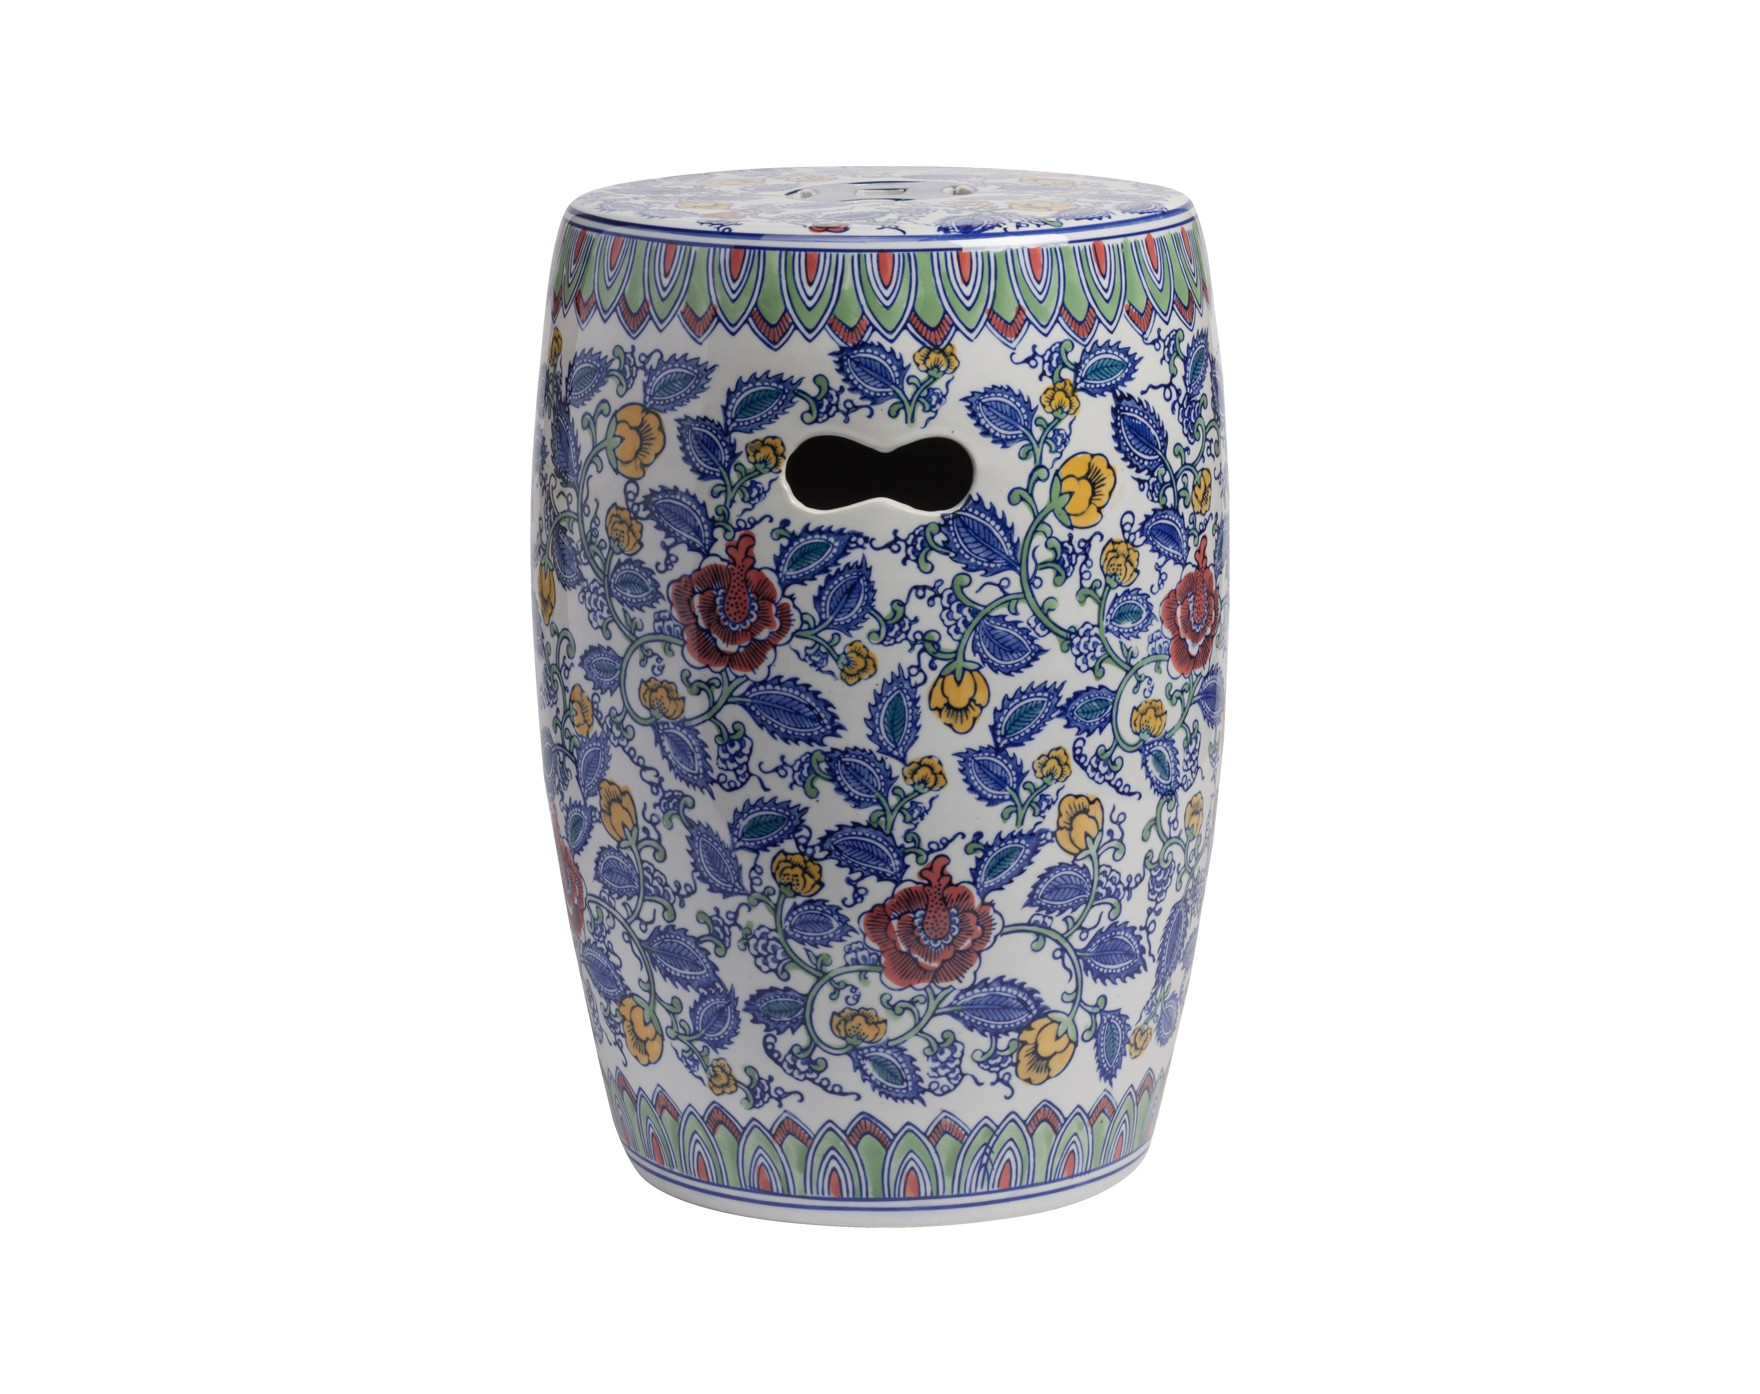 Керамический столик-табурет Garden Stool ErmitageТабуреты<br>Оригинальный керамический столик-табурет в форме бочонка в оригинальной расцветке восточных мотивов. По бокам предусмотрены небольшие отверстия для удобства его перемещения. Это предмет мебели, который сочетает в себе сразу две функции — его можно использовать и как стол, на который можно поставить чашку чая и положить газету, и как табурет, на который можно присесть. Все зависит только от вашего желания. Примечательно, что эта модель выполнена не из дерева, как следовало бы ожидать, а из грубой керамики, покрытой глазурью. Столик-табурет удачно подчеркнет колорит помещений в восточном стиле и добавит уюта в домашнюю обстановку..<br>Хотите больше приятных эмоций — купите столь необычный и яркий предмет для своего интерьера.<br><br>Material: Керамика<br>Width см: None<br>Depth см: None<br>Height см: 45<br>Diameter см: 33